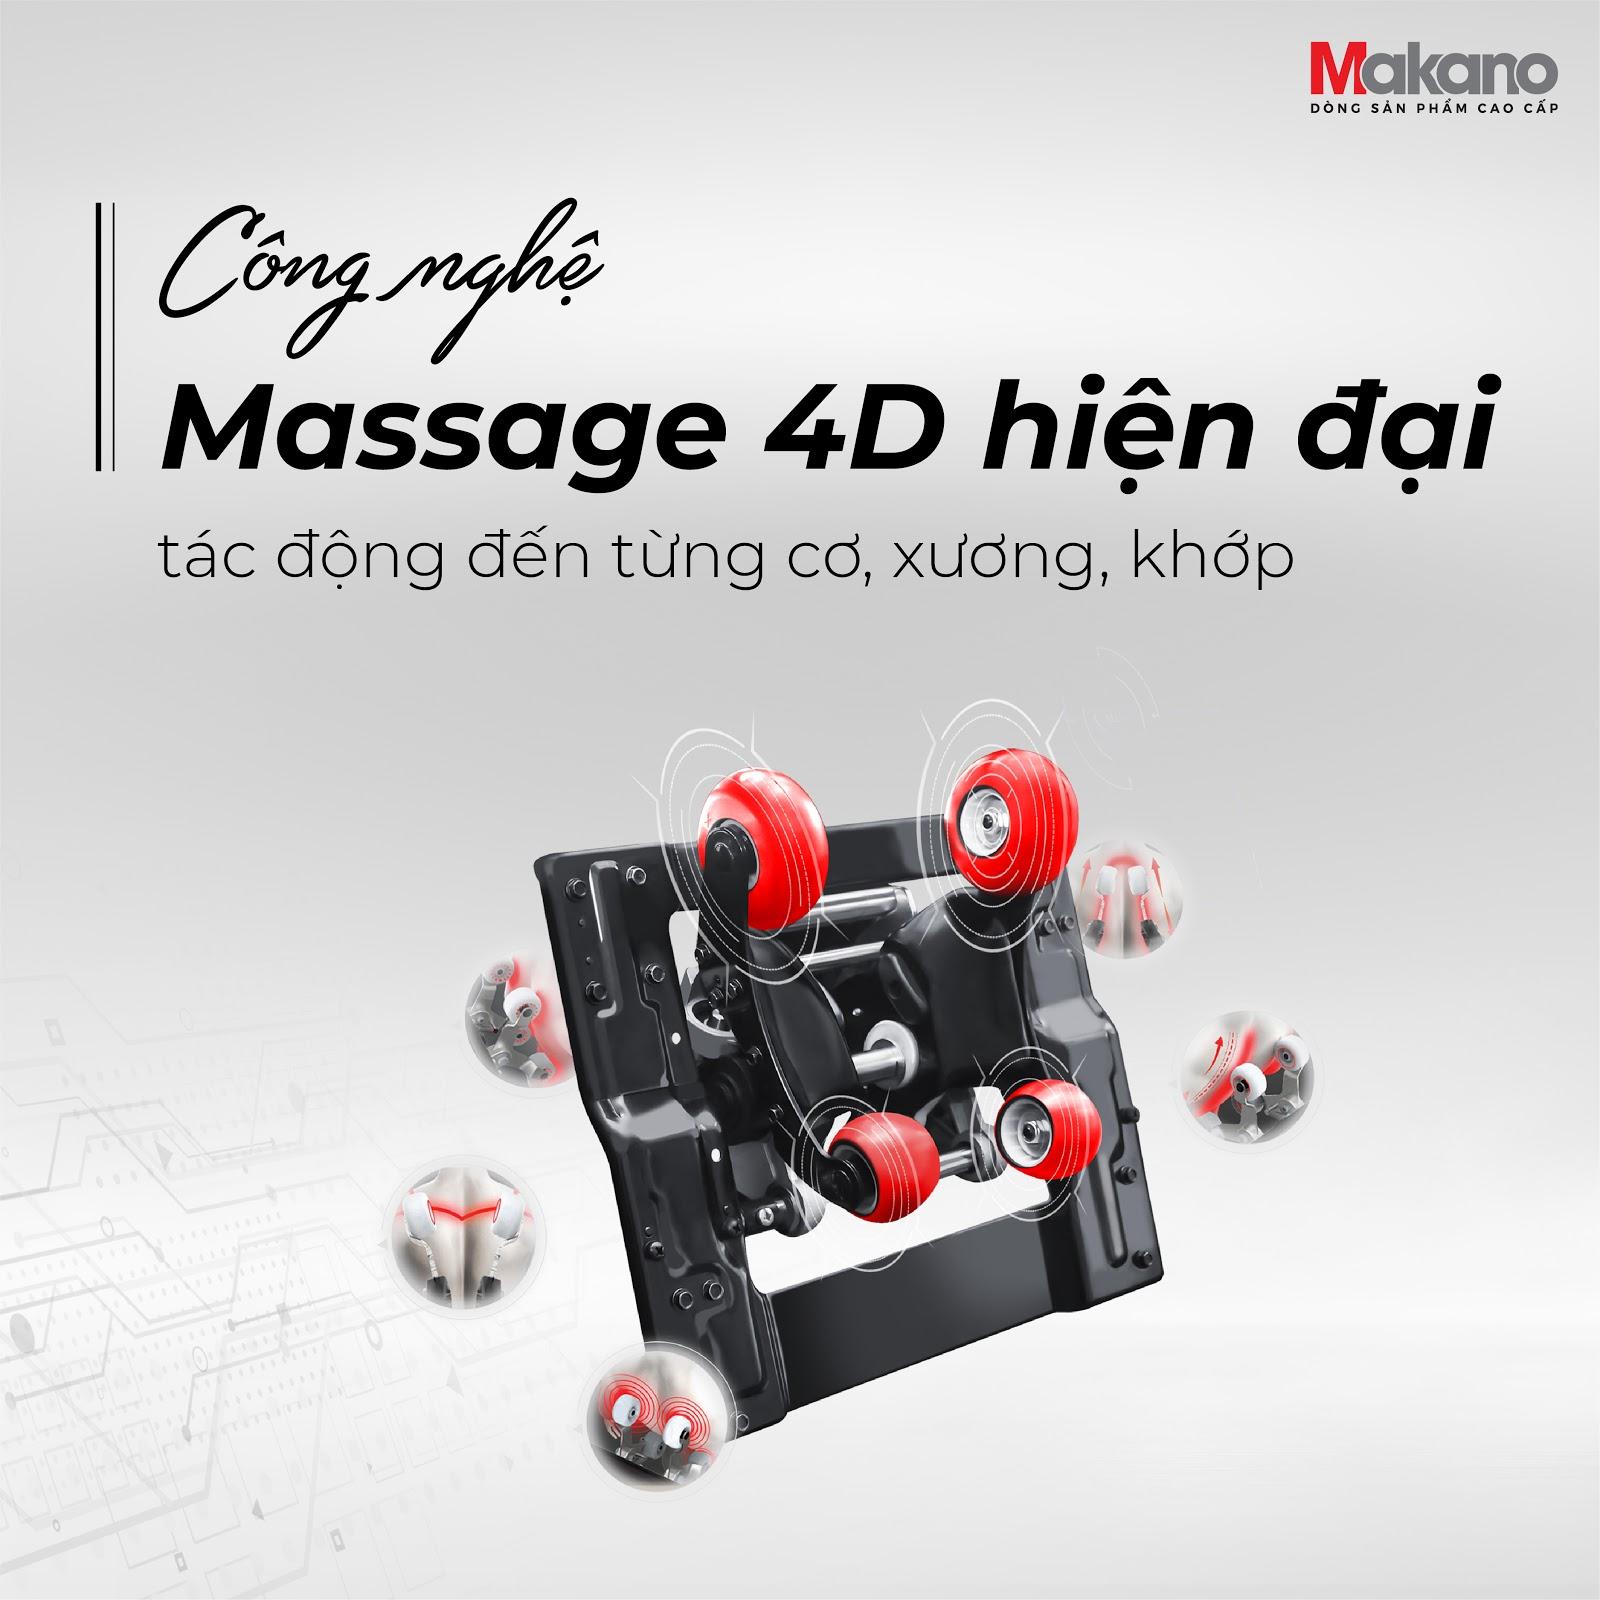 Ghế massage sử dụng công nghệ 4D hiện đại nhất